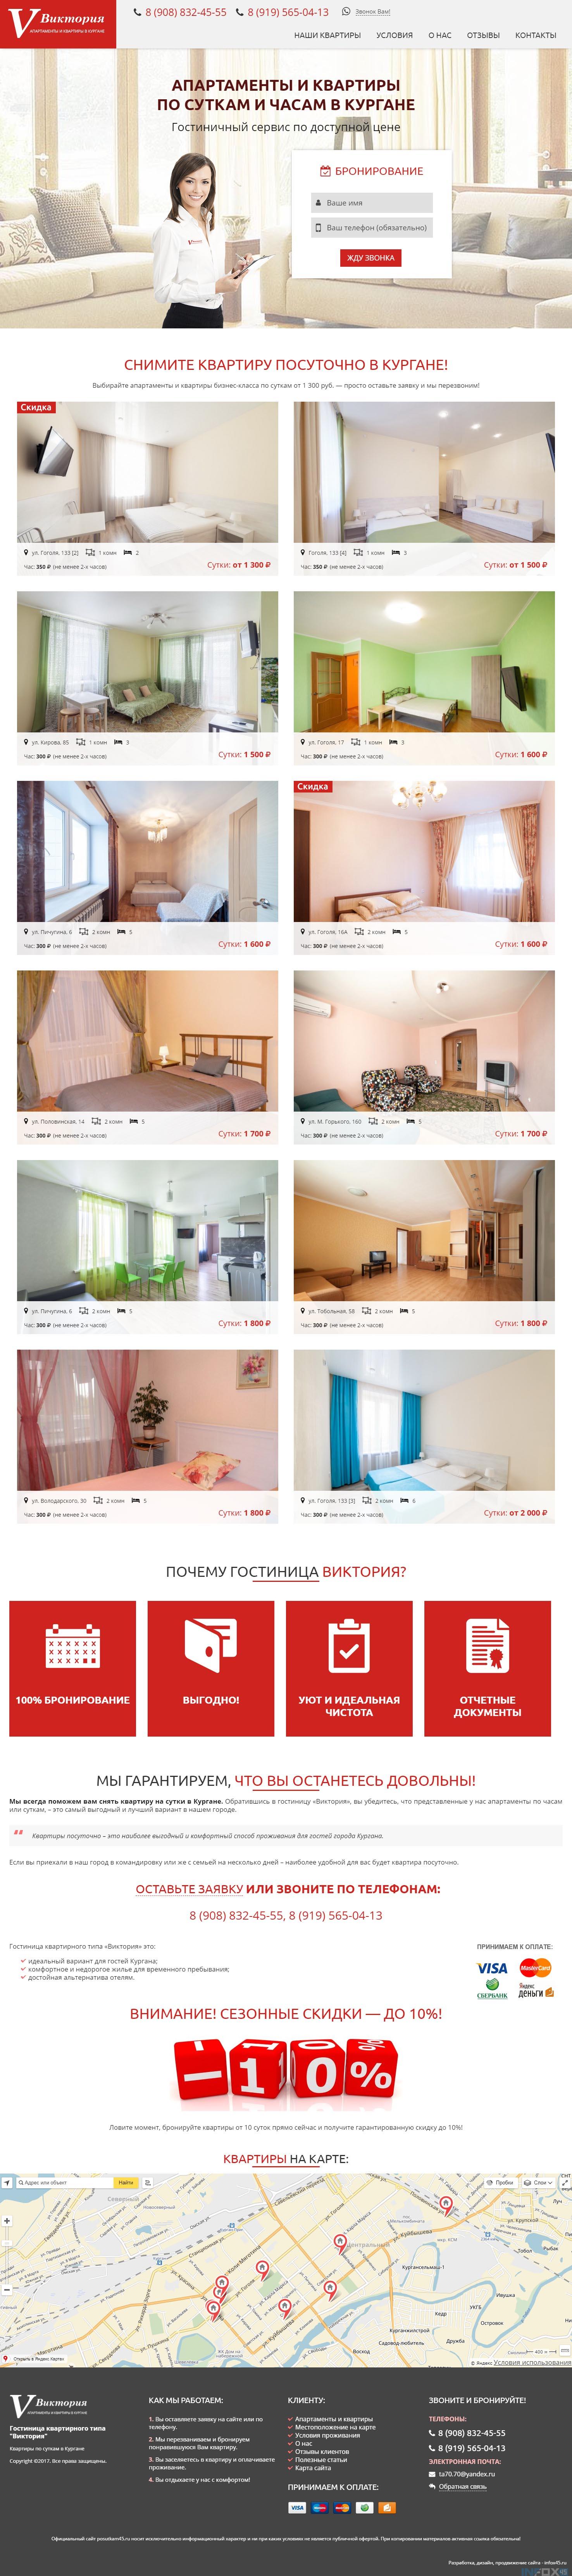 Дизайн сайта гостиницы квартирного типа